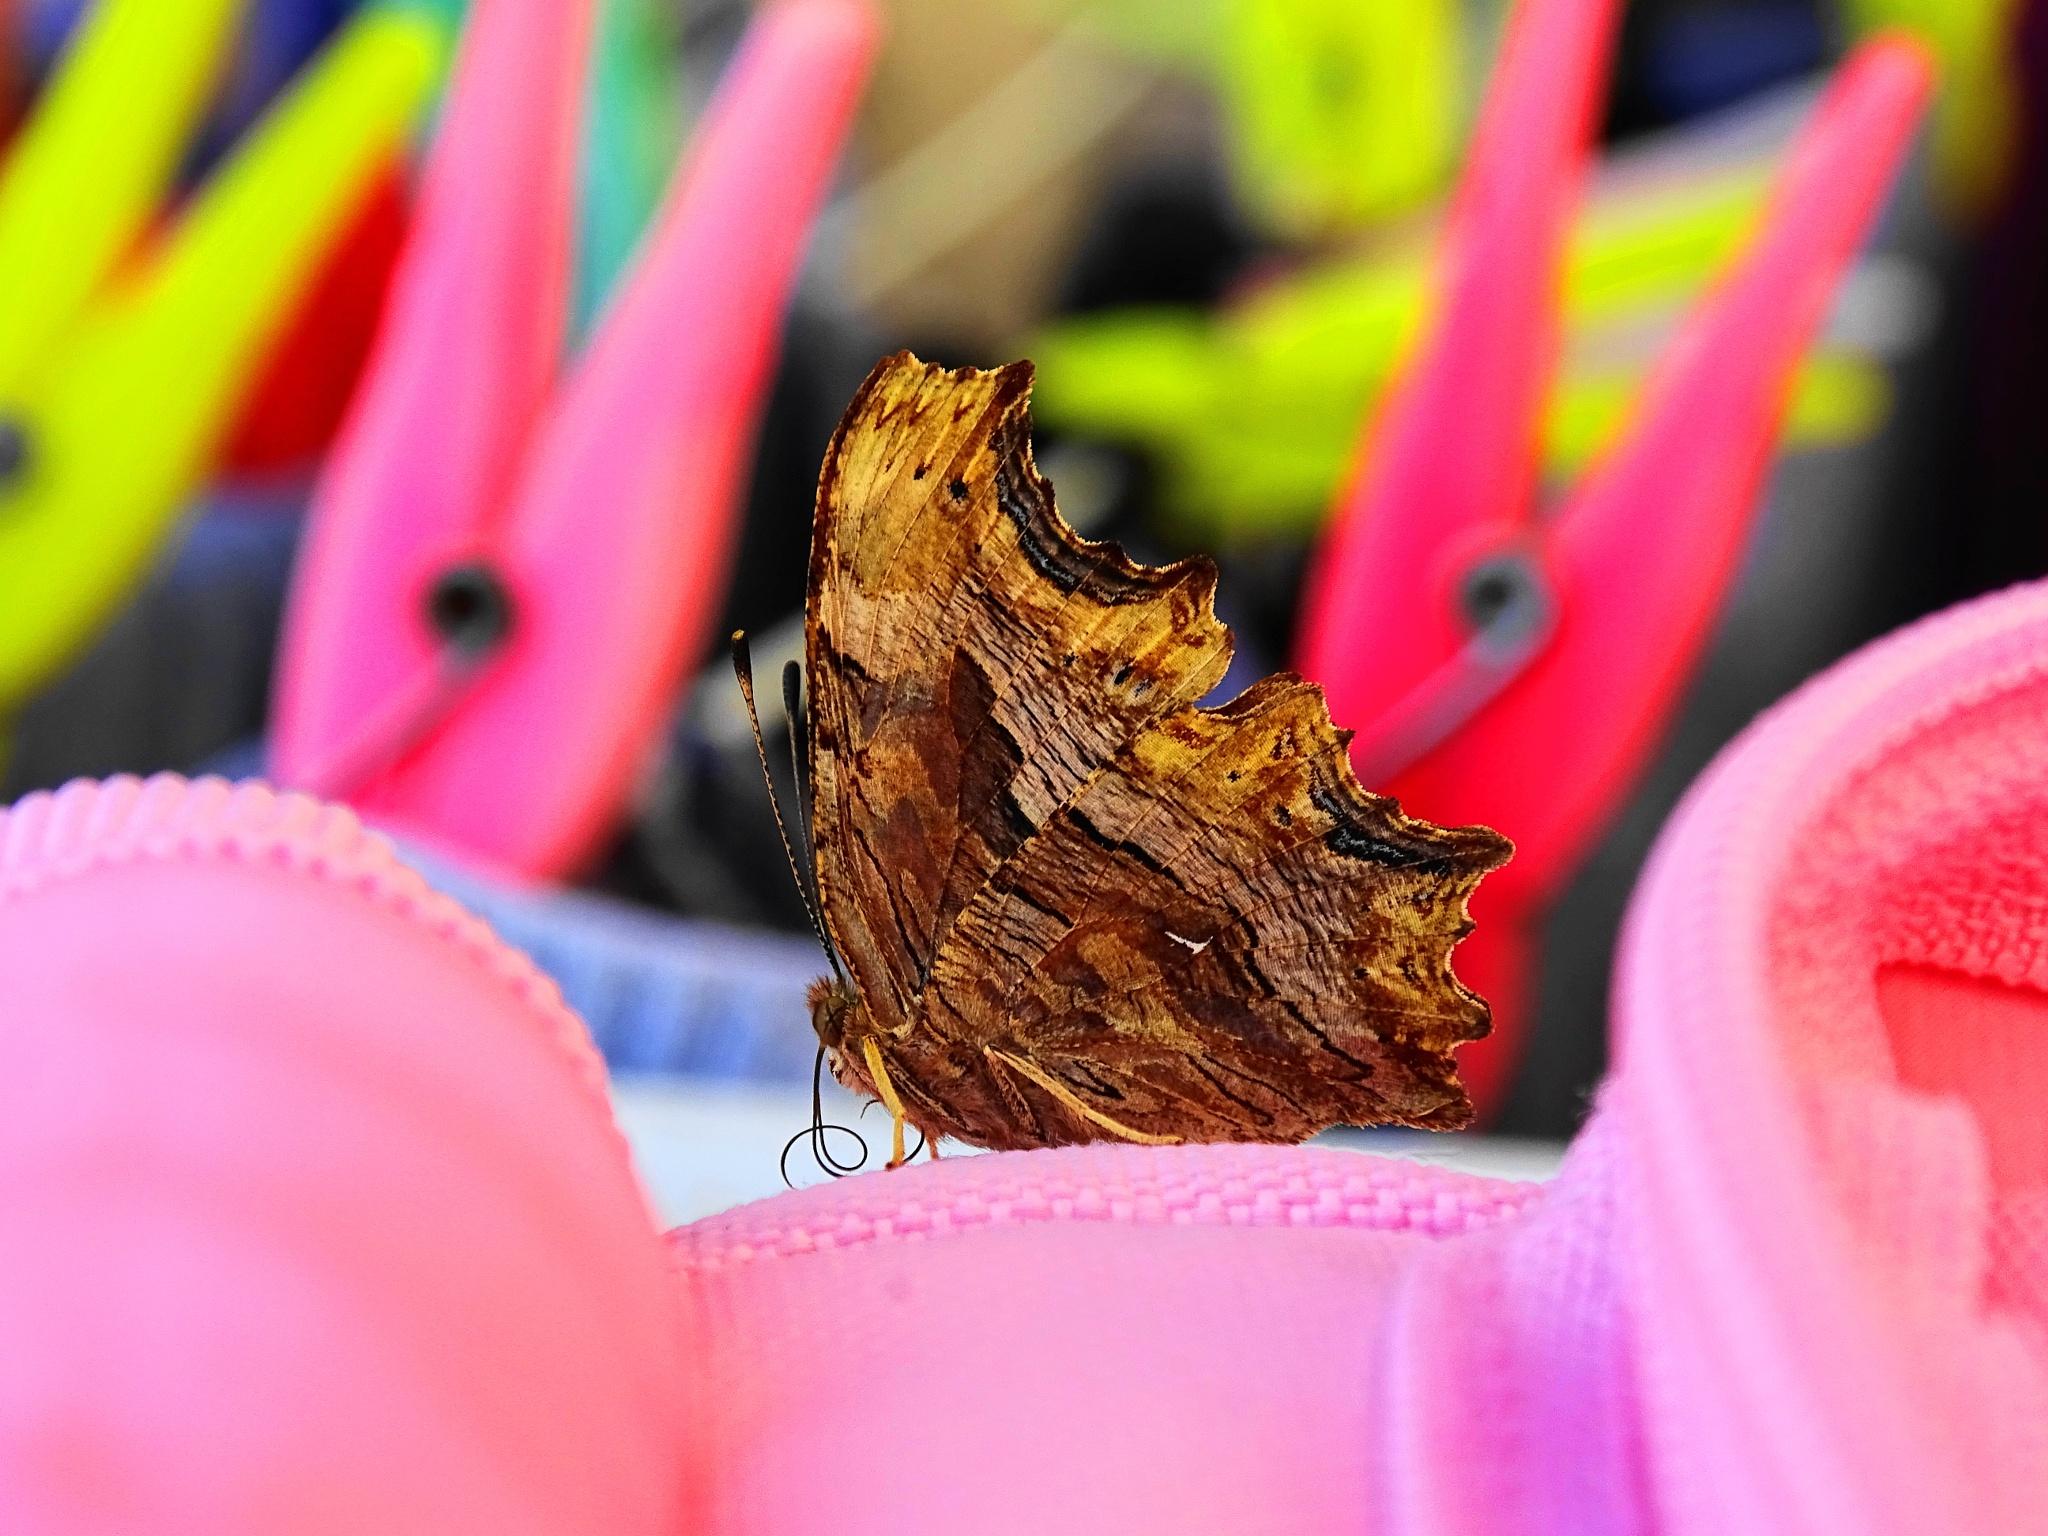 πεταλουδα by EL Greco